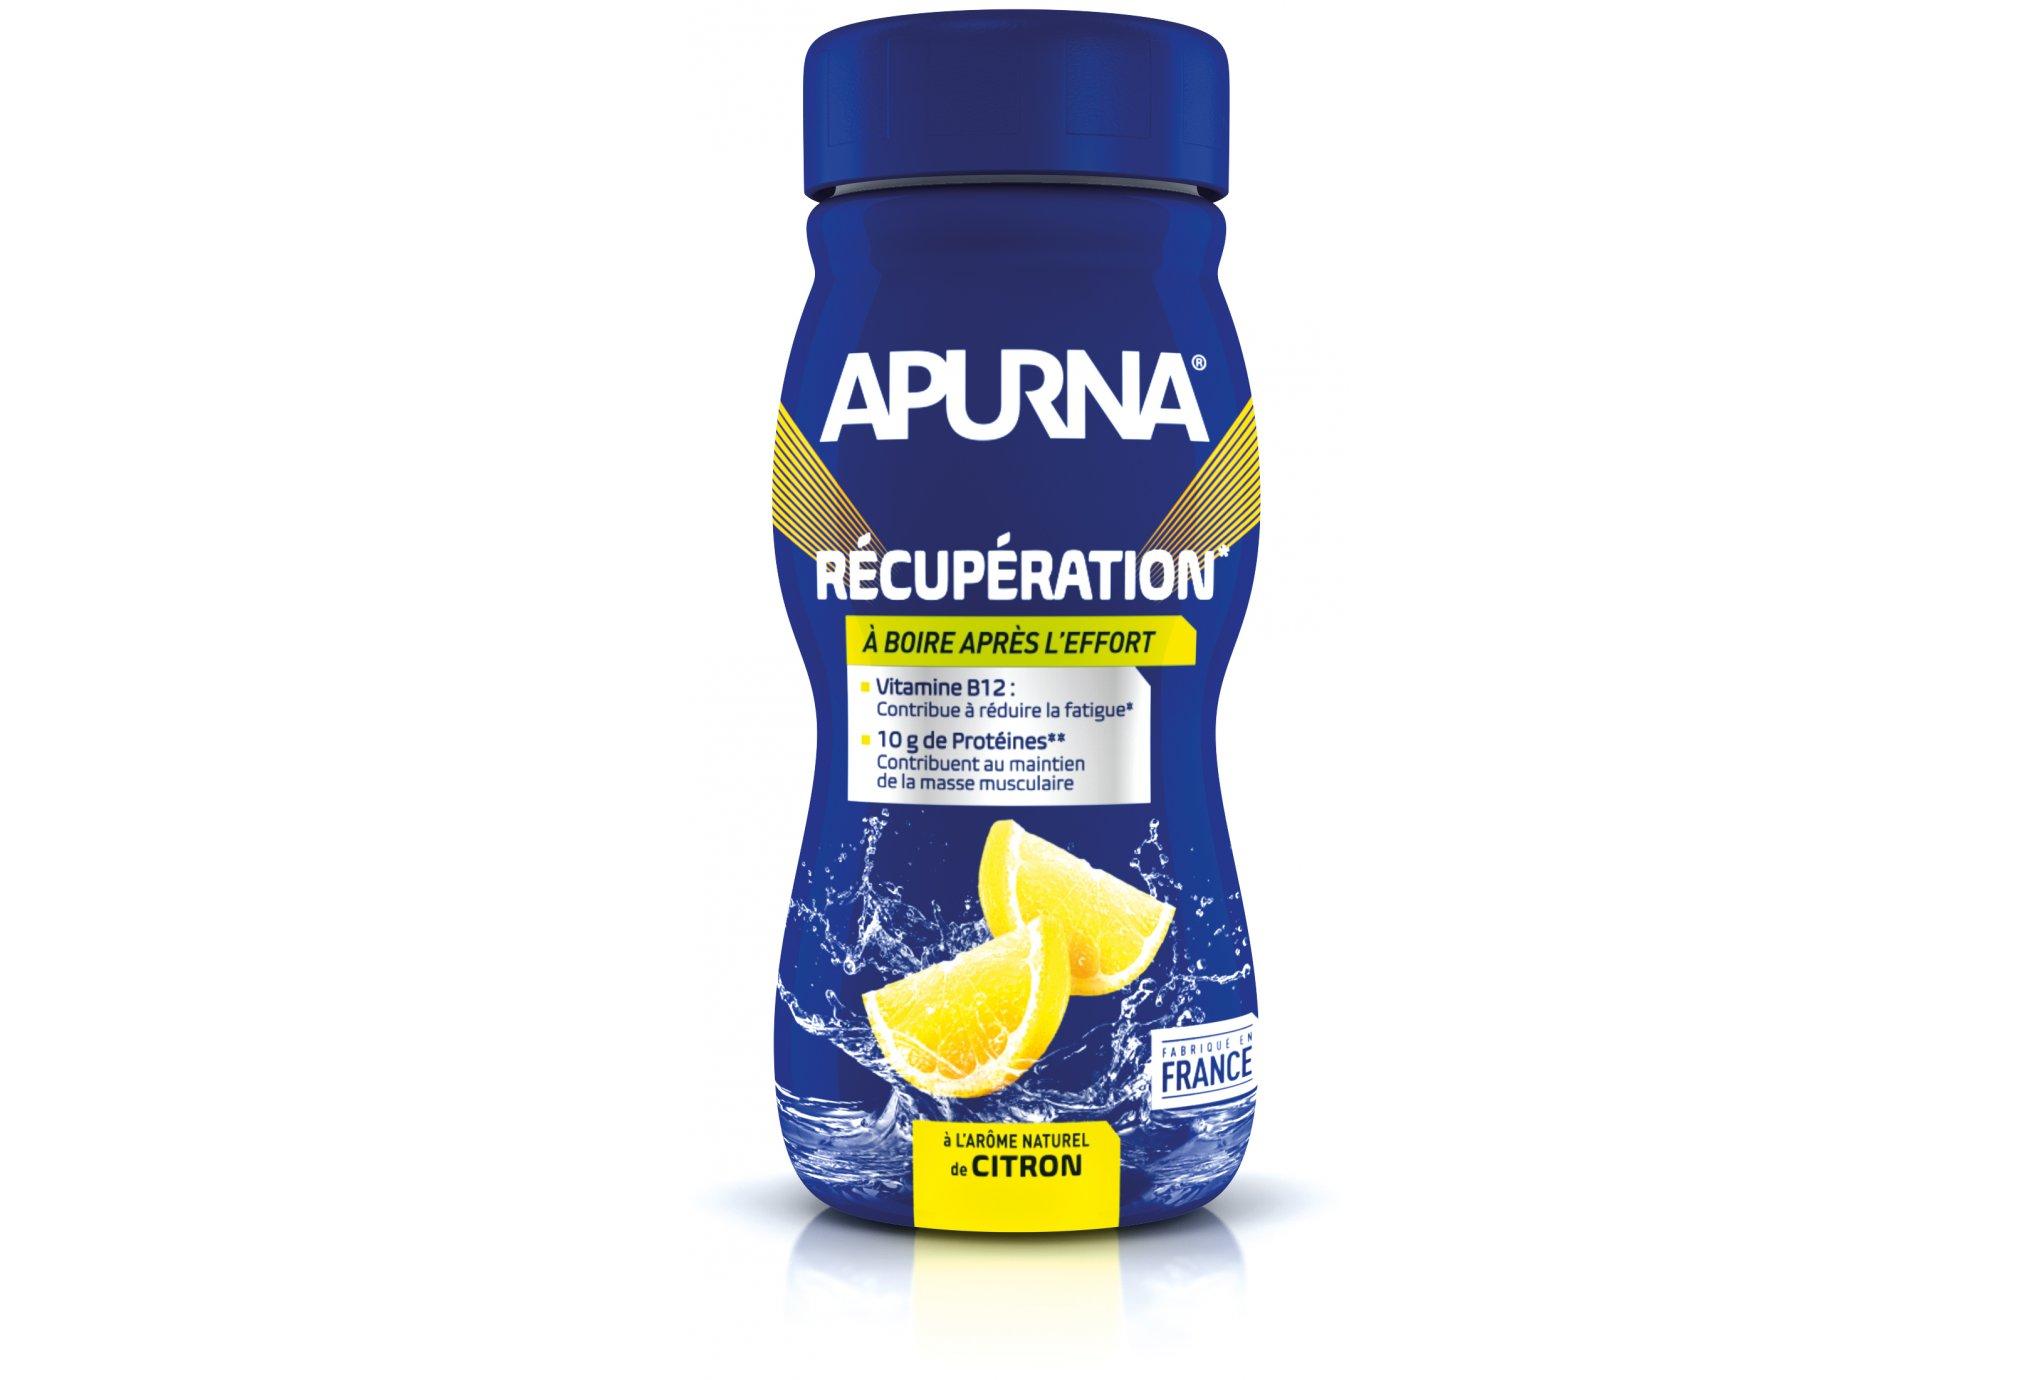 Apurna Boisson récupération - citron diététique protéines / récupération